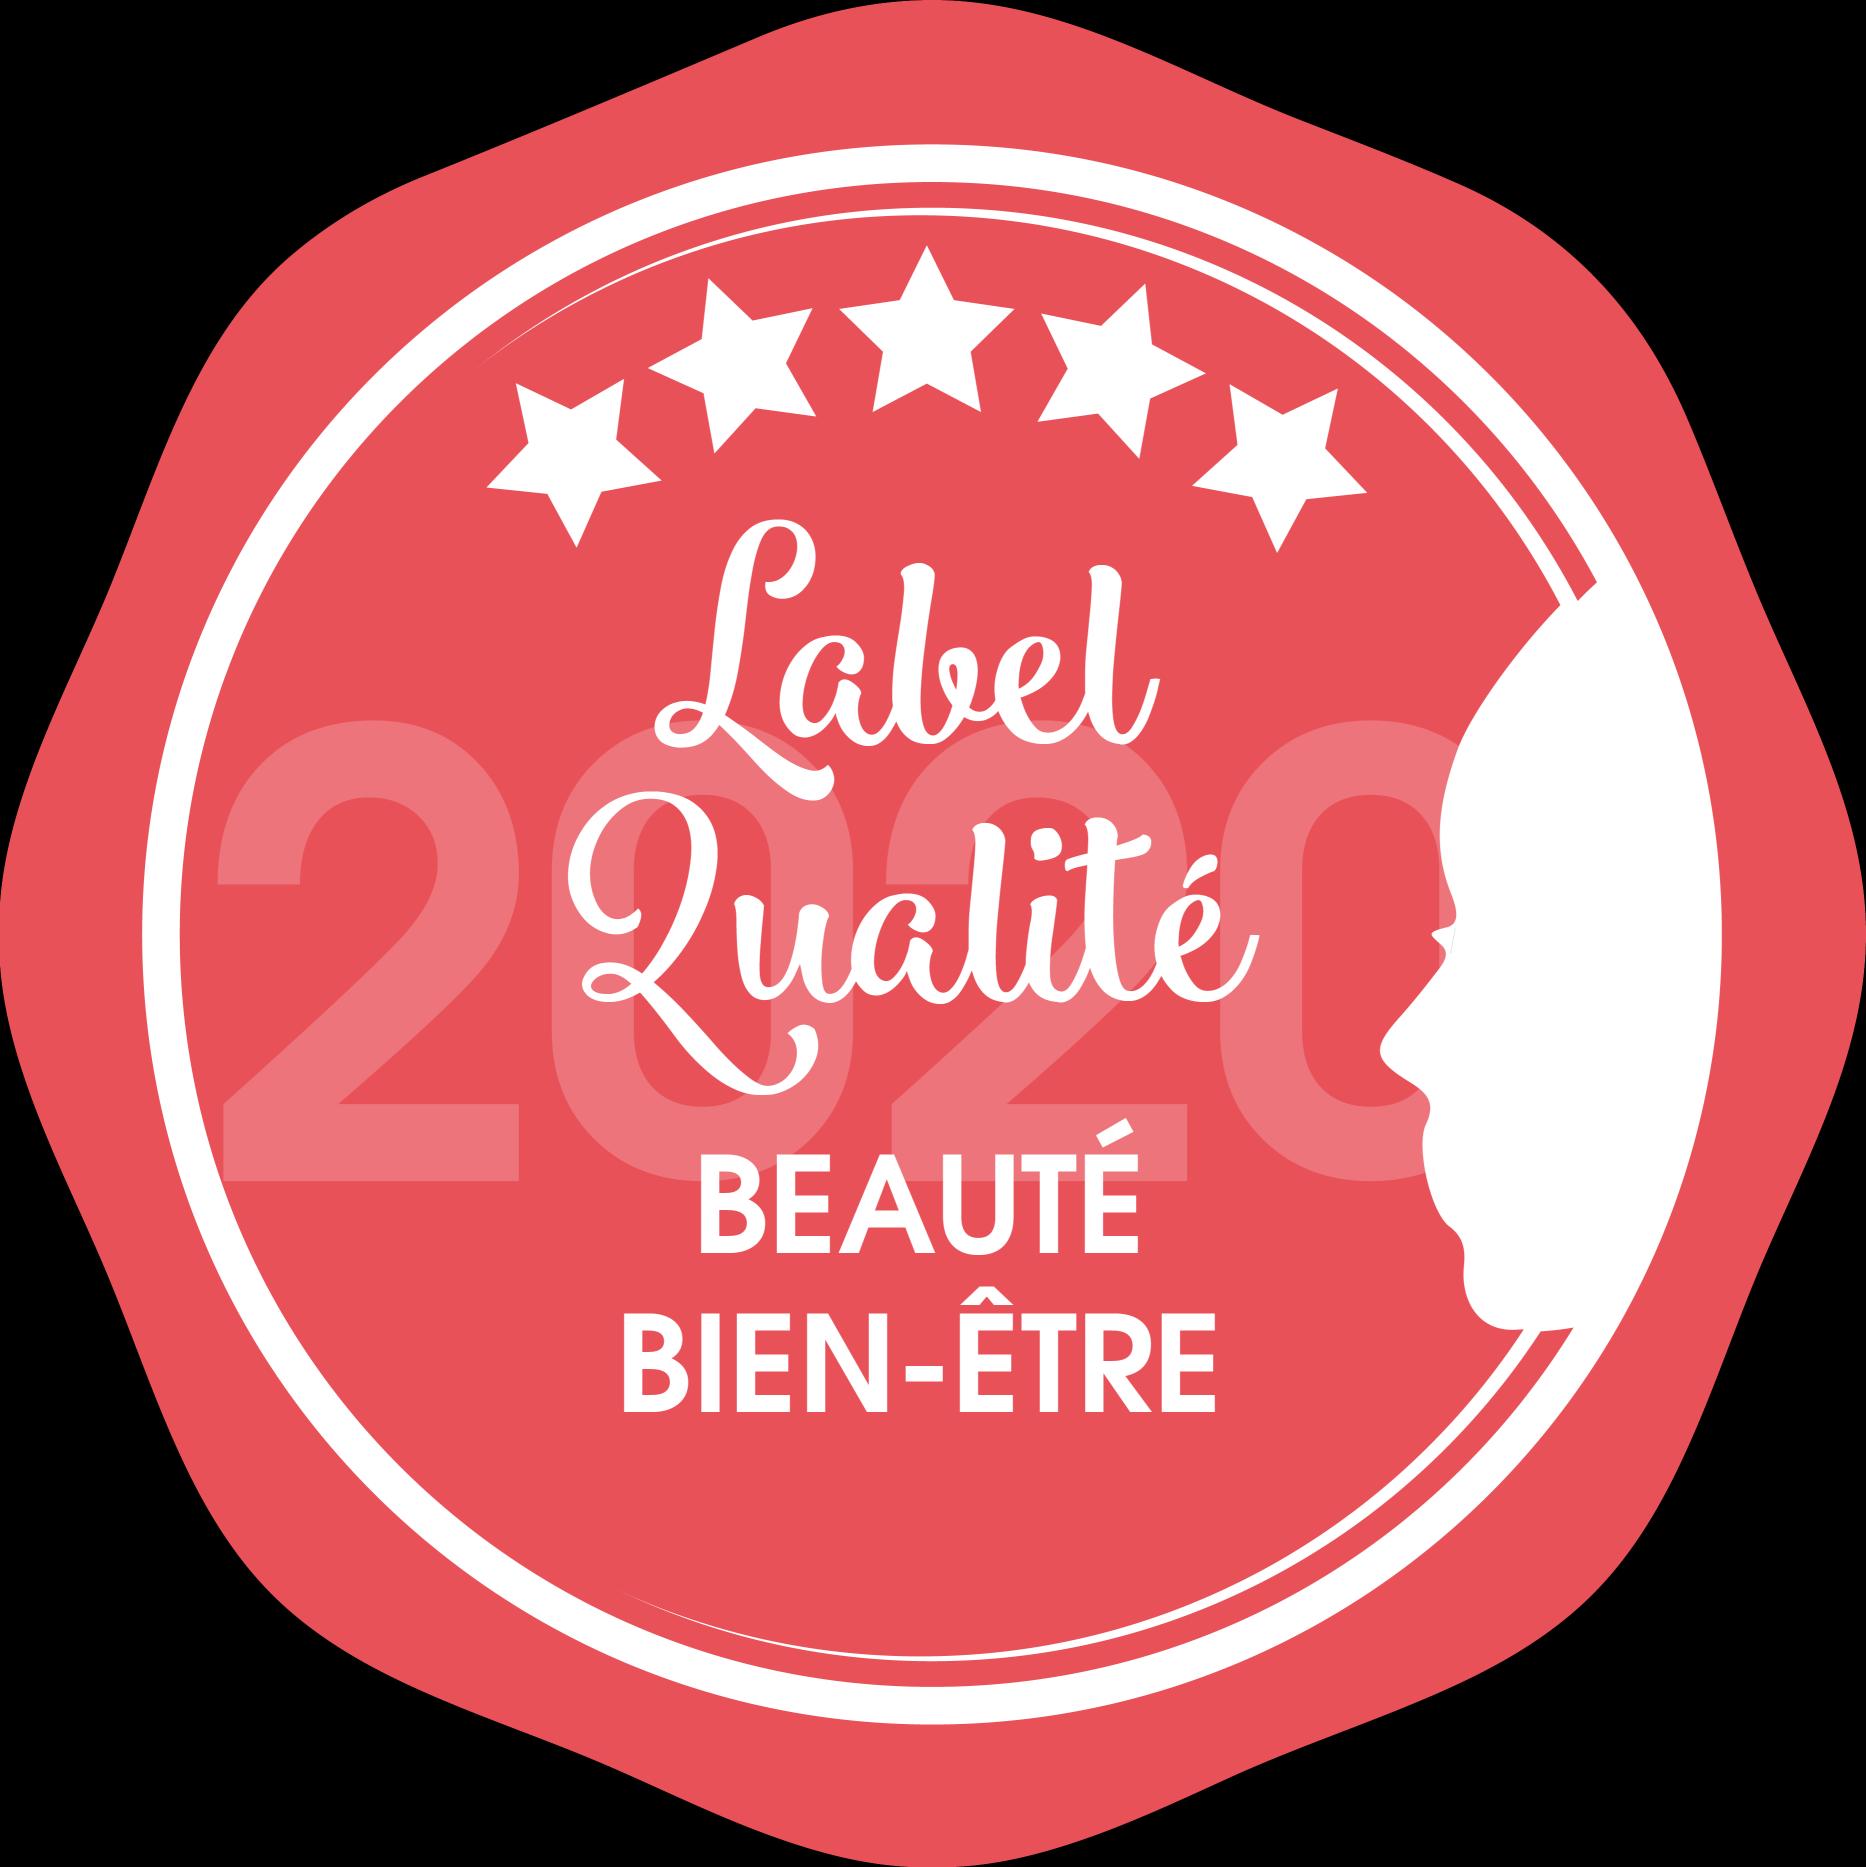 Logo label qualité